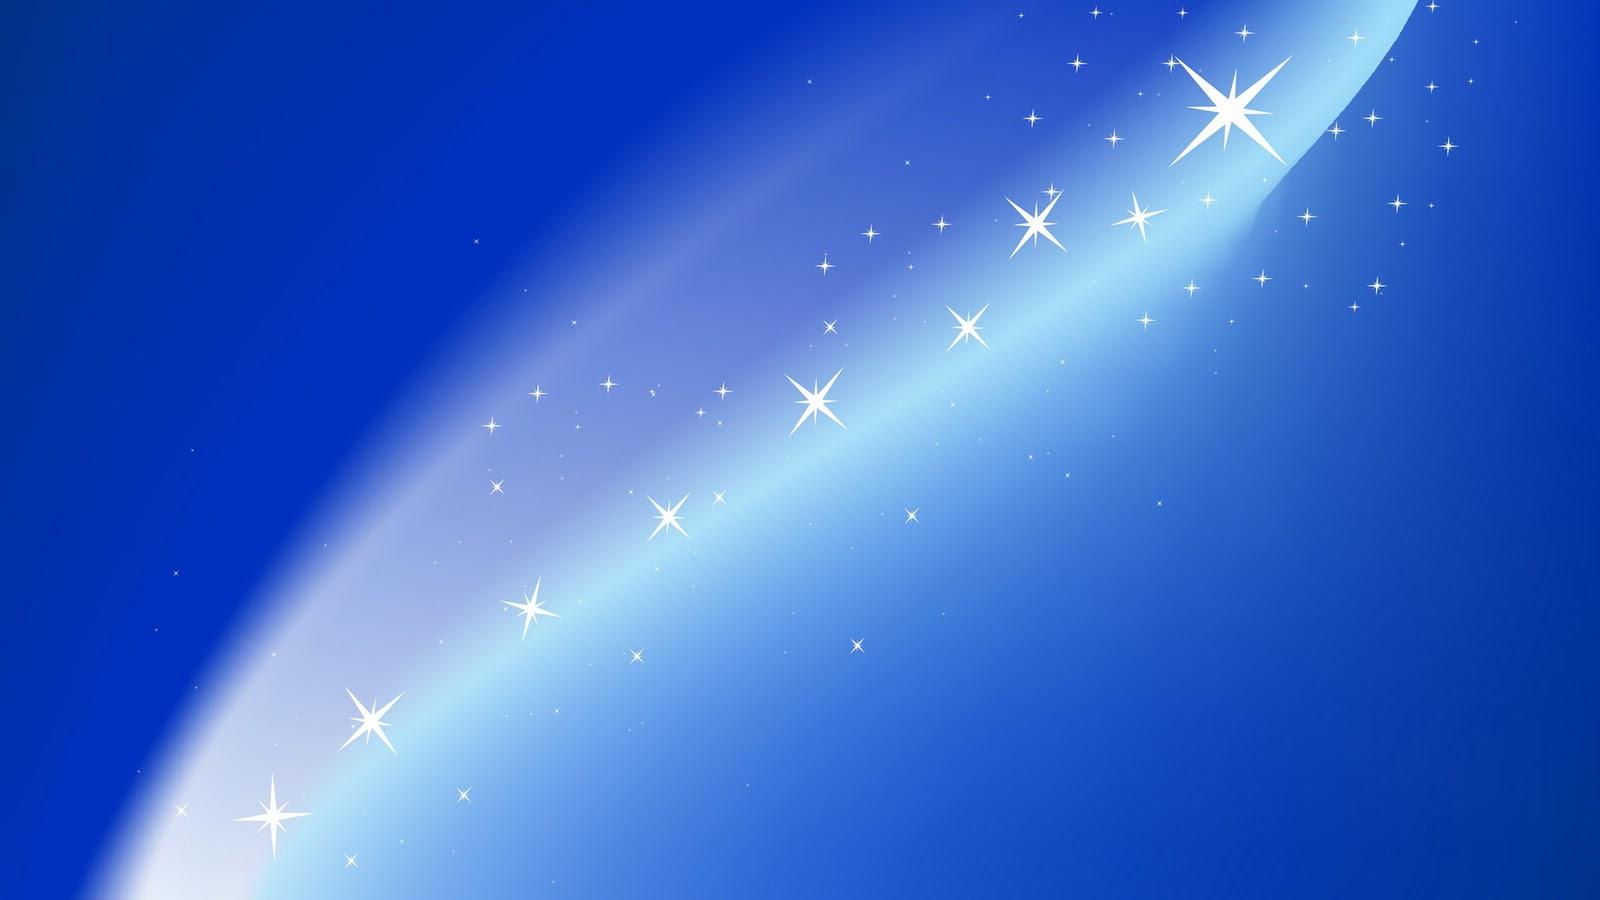 http://3.bp.blogspot.com/_Qwn4SQSxYas/TQUTuan5lQI/AAAAAAAAABs/TnQDOzpSM1c/s1600/Magic_blue0198.jpg